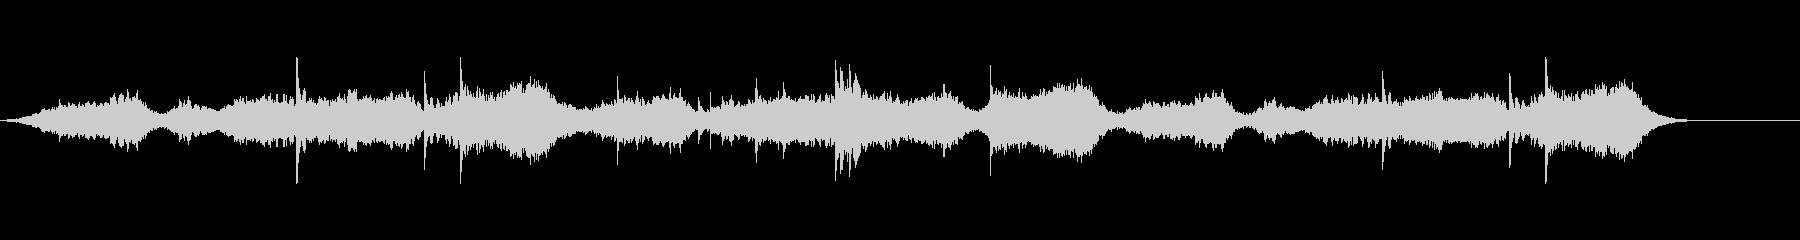 オリジナルBGMシンセパッド+ピアノの未再生の波形